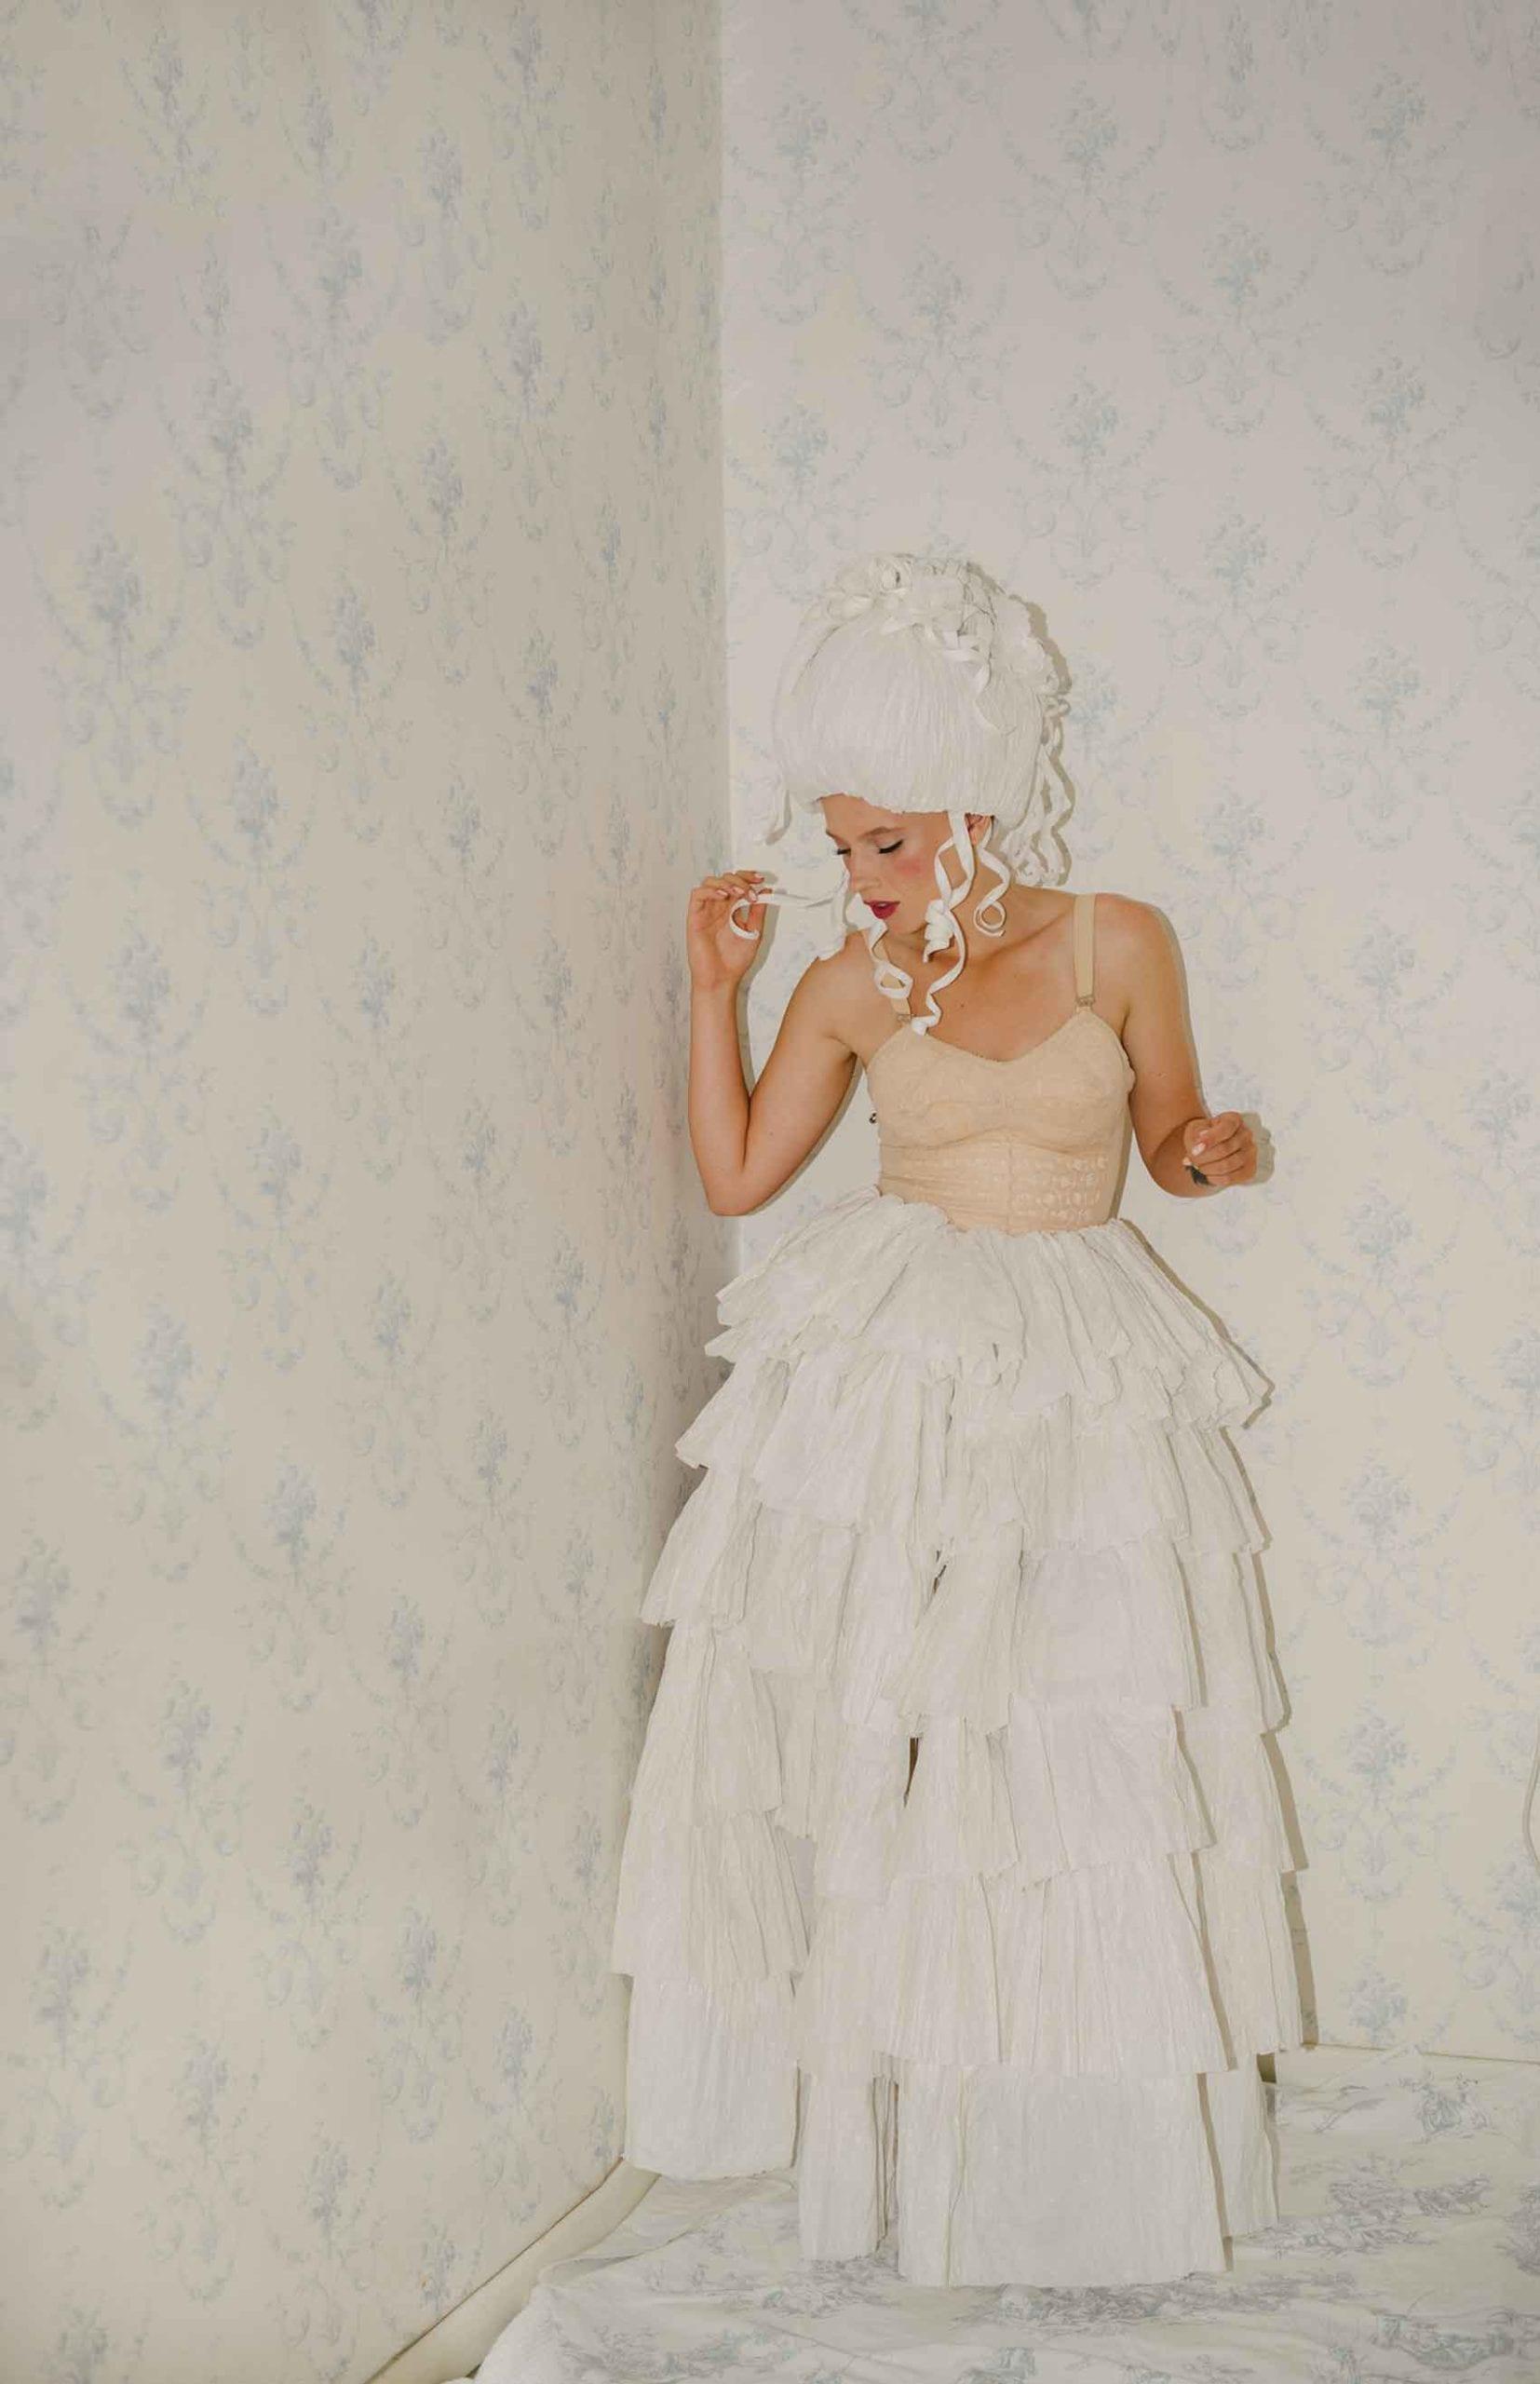 אפנה-צילום: ליז כדר, מעצבת בנייר: מירב פלג, איפור: יעל ברזילי, דוגמנית: ליזה טרטרוב